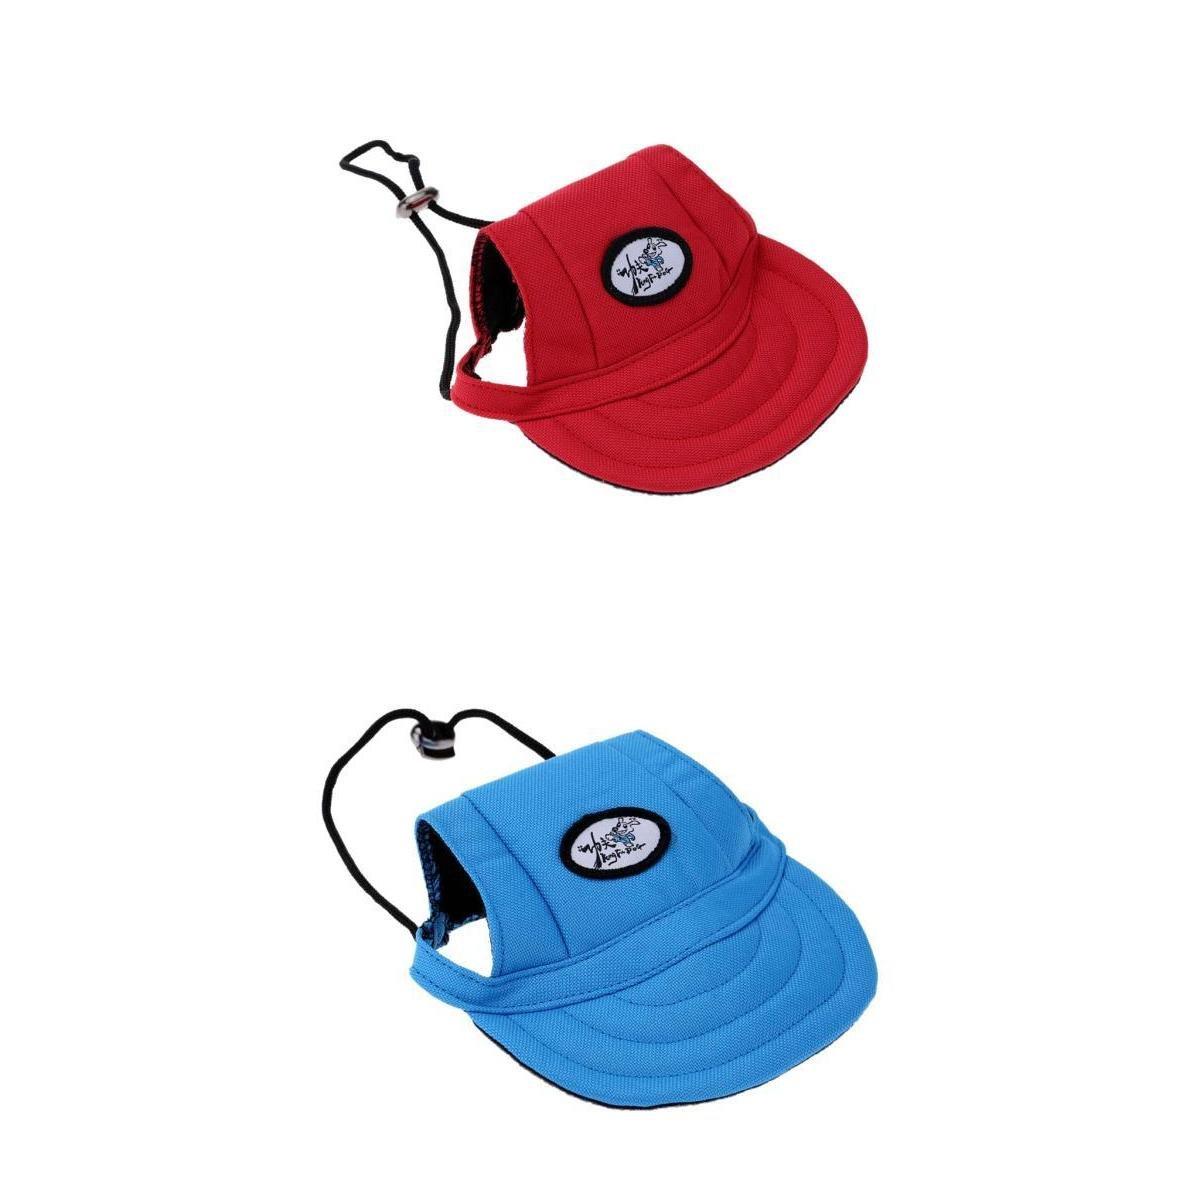 Homyl 2 Pcs Casquette de Baseball Chapeau avec Trous d'oreilles Réglable pour Petit Chien Chat Chiot Animaux pour Bouledogue/Setter Anglais/Yorkshire Terrier (Taille S Bleu +Rouge) - Bleu Rouge, S